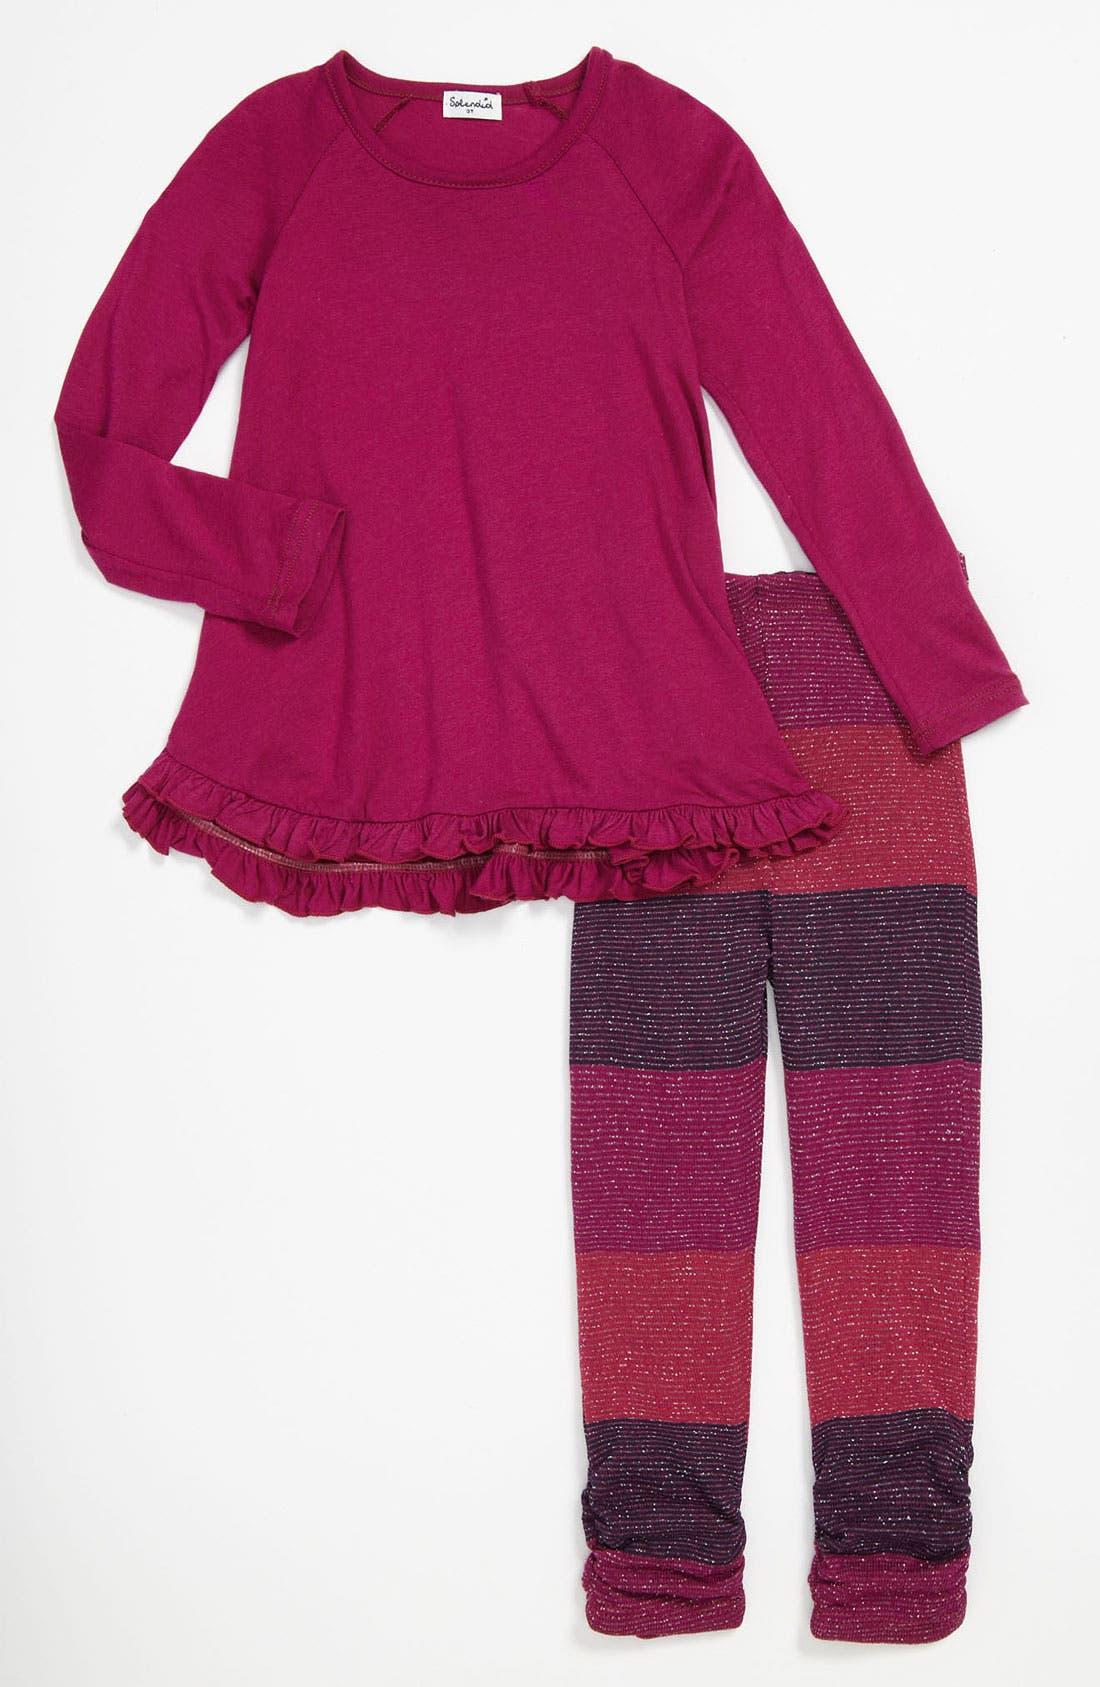 Alternate Image 1 Selected - Splendid Shimmer Stripe Tunic & Leggings (Toddler)